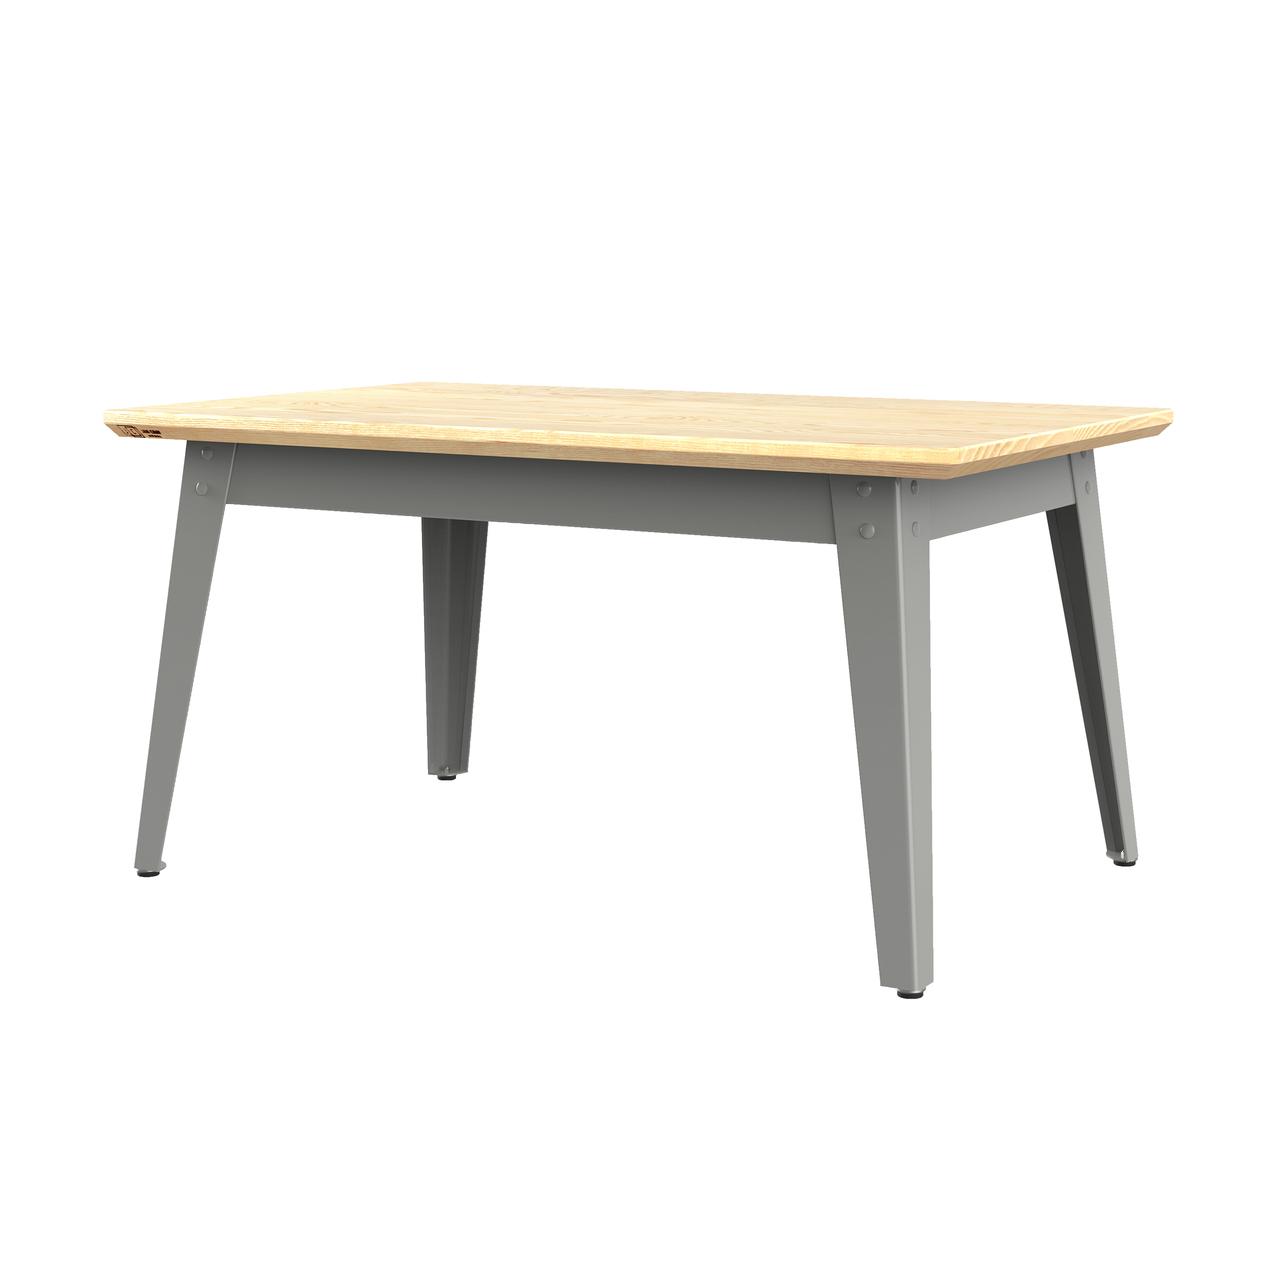 Jan Cray 6Grad Couchtisch Holz Hellgrau, Eschenholz geölt, B: 55 cm / L: 90 cm / H: 46 cm